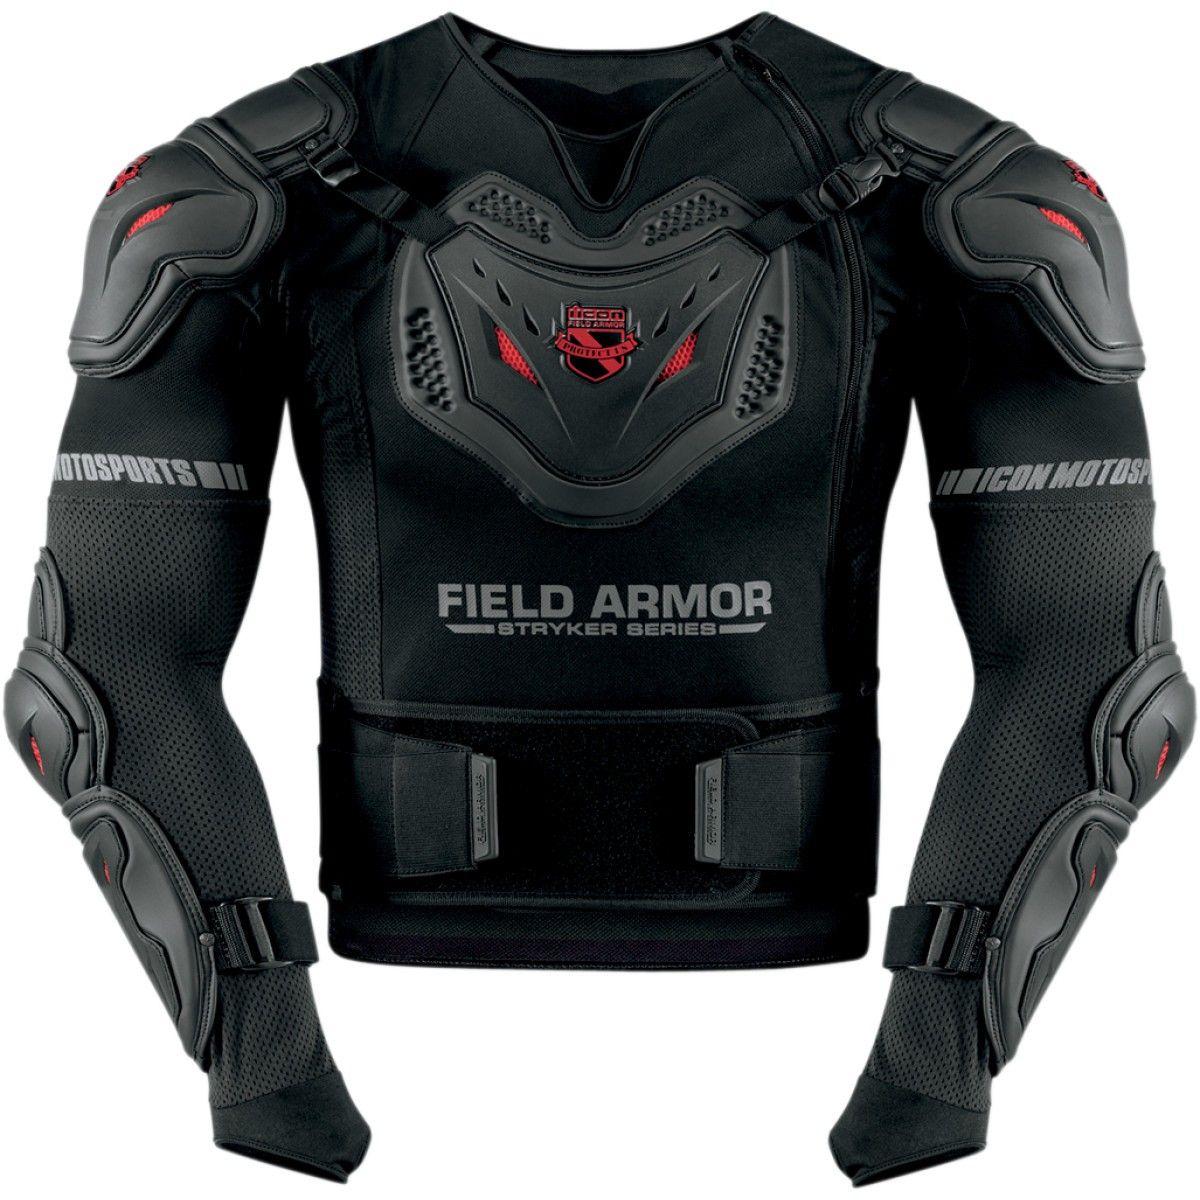 Icon Stryker Rig Body armor, Black motorcycle, Armor